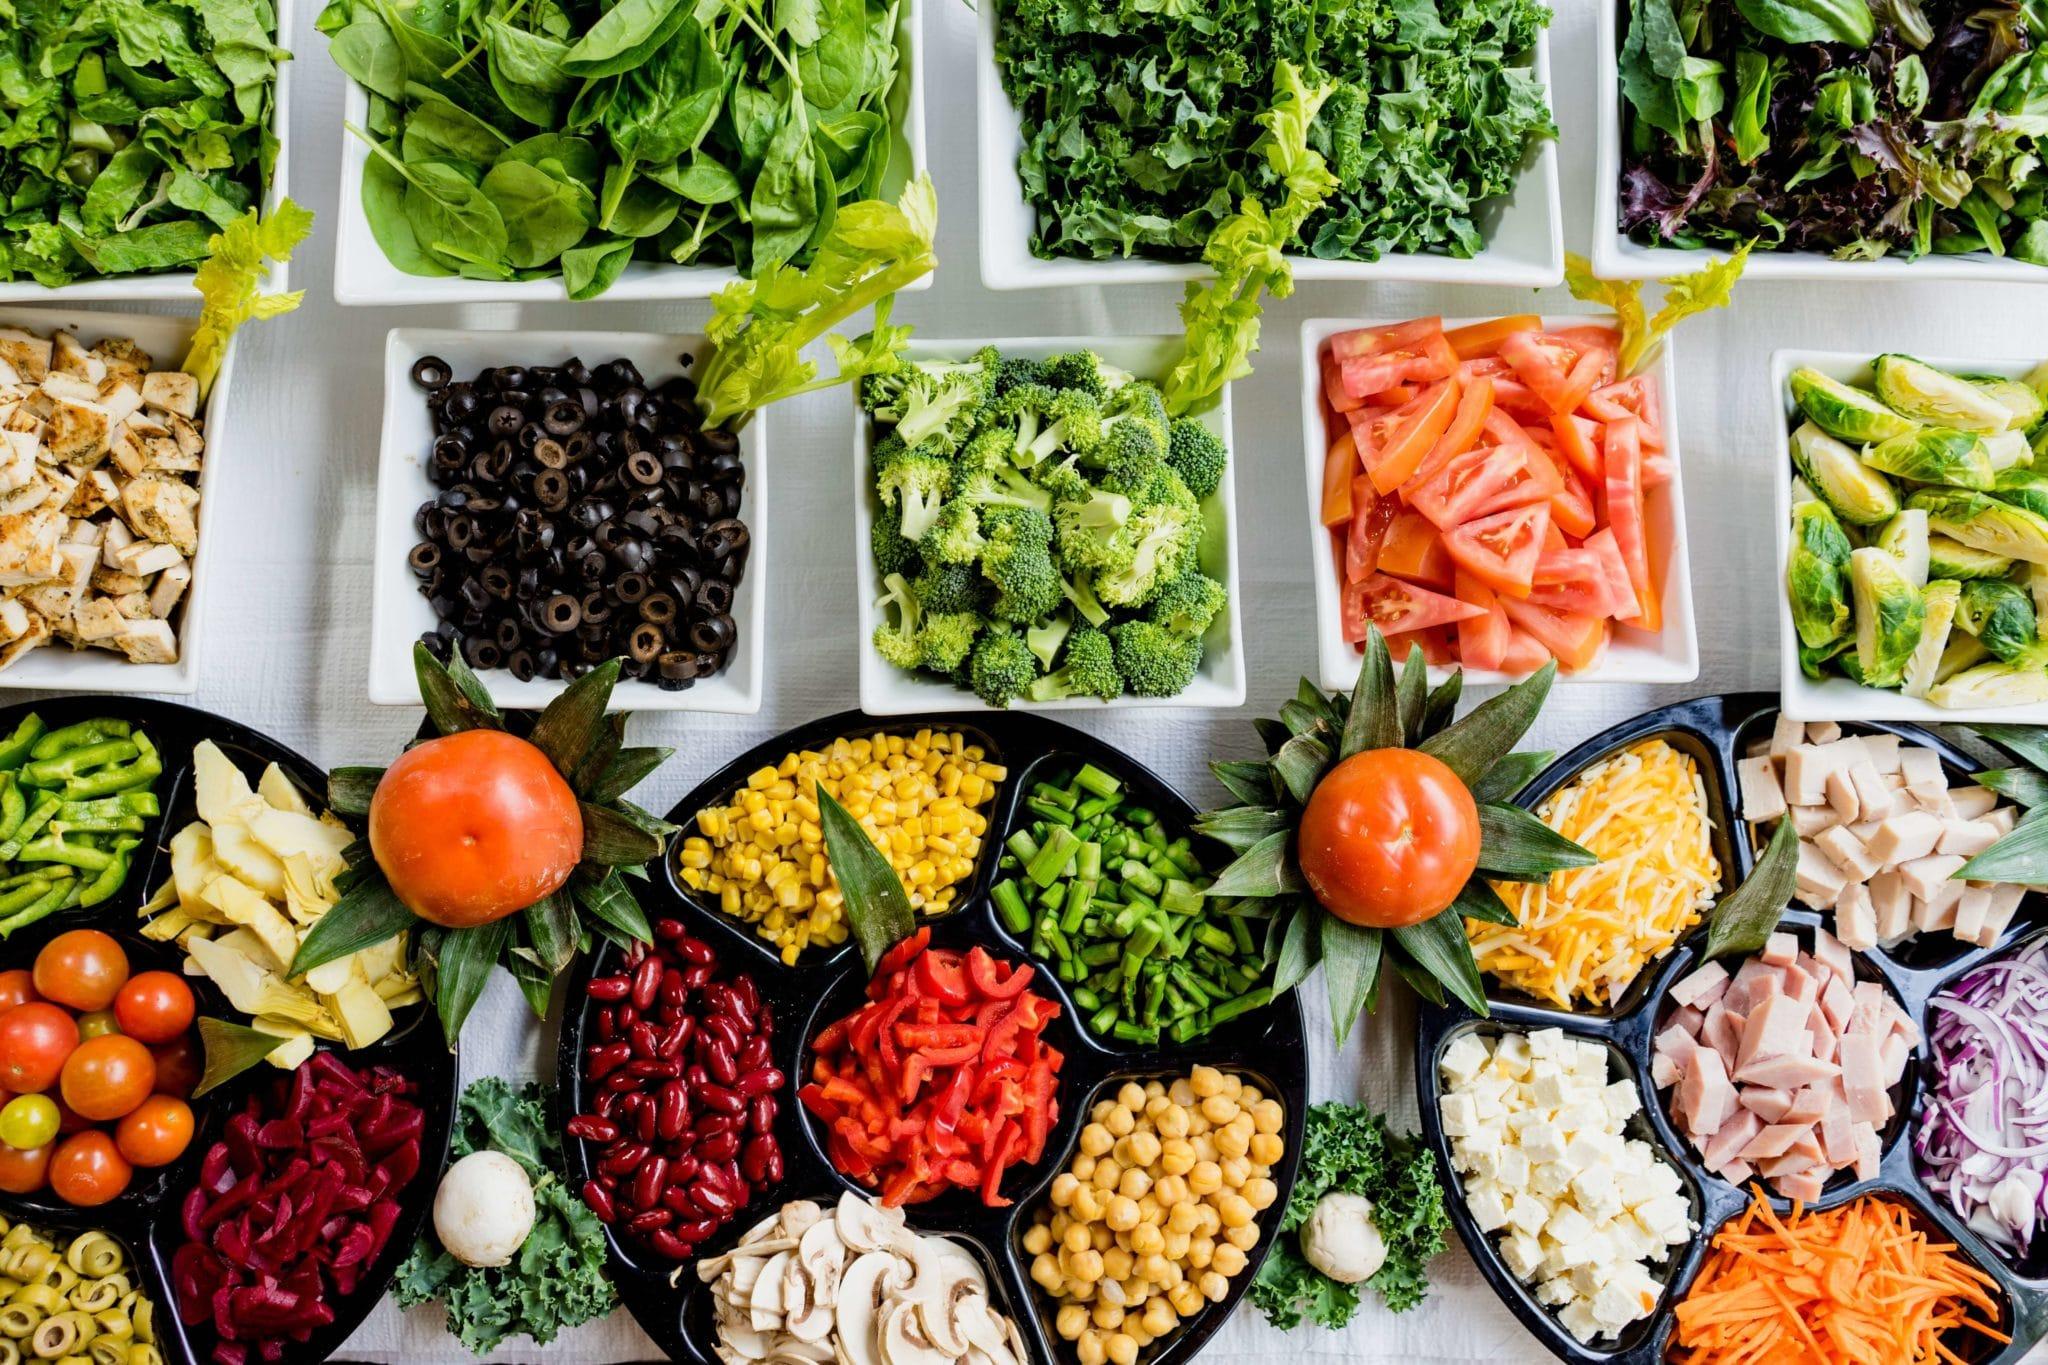 Le régime alimentaire adapté pour un homme de 40 ans